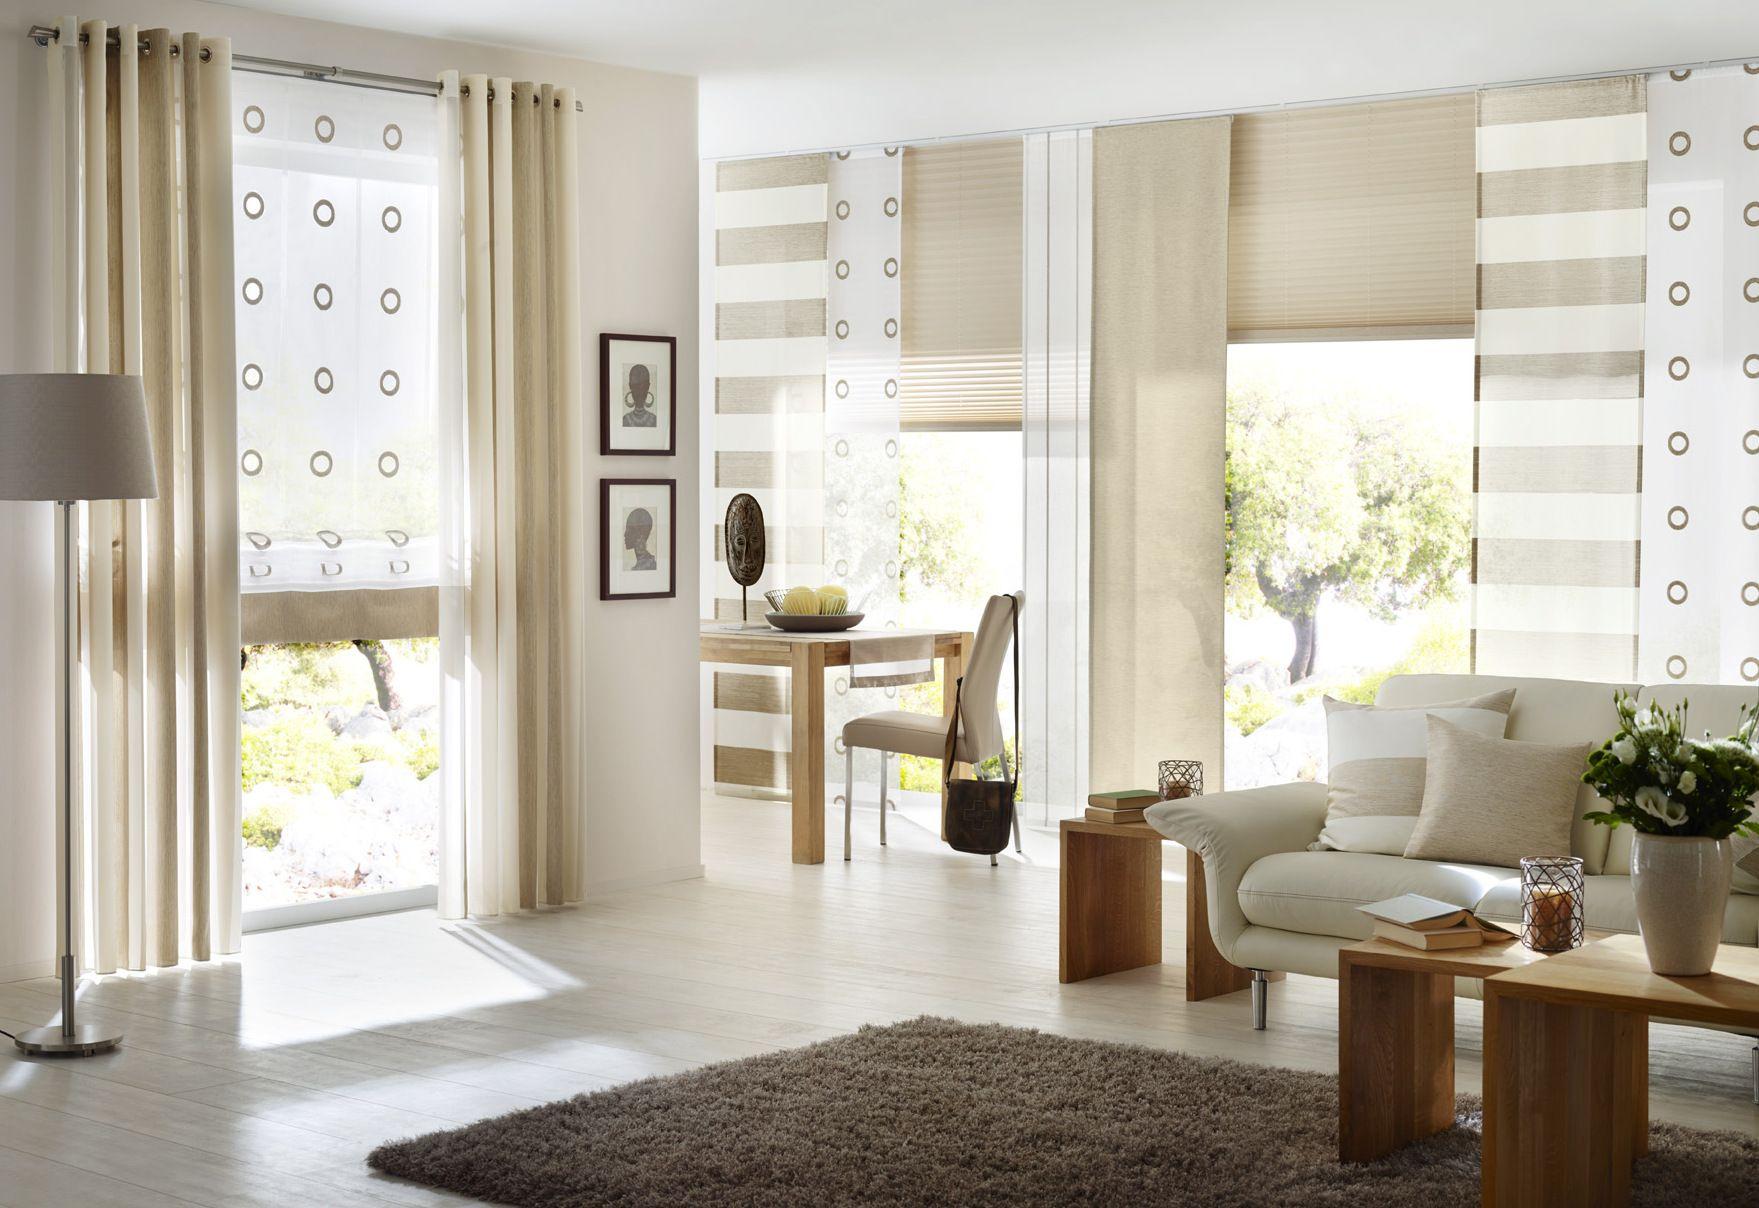 Fenster Purenature Gardinen Dekostoffe Vorhang WohnstoffePlisseesRollosJalousien